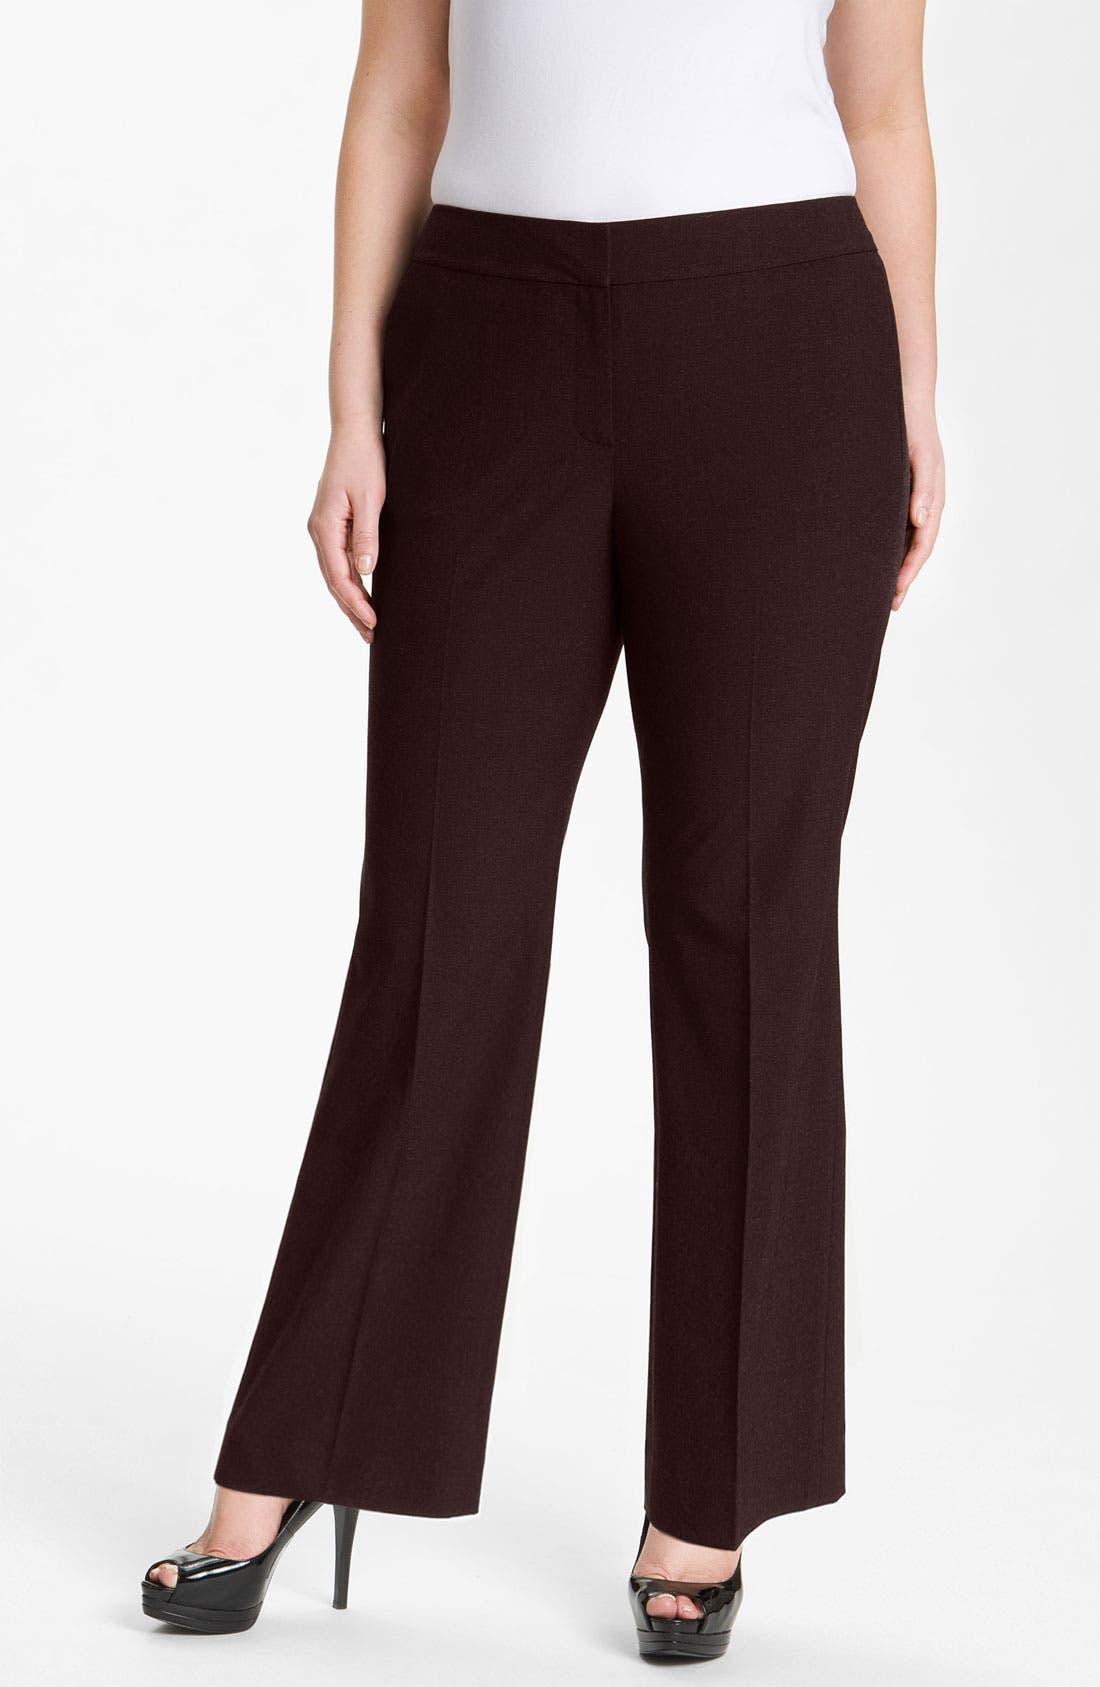 Alternate Image 1 Selected - Sejour 'Ela' Curvy Fit Pants (Plus Size & Petite Plus)